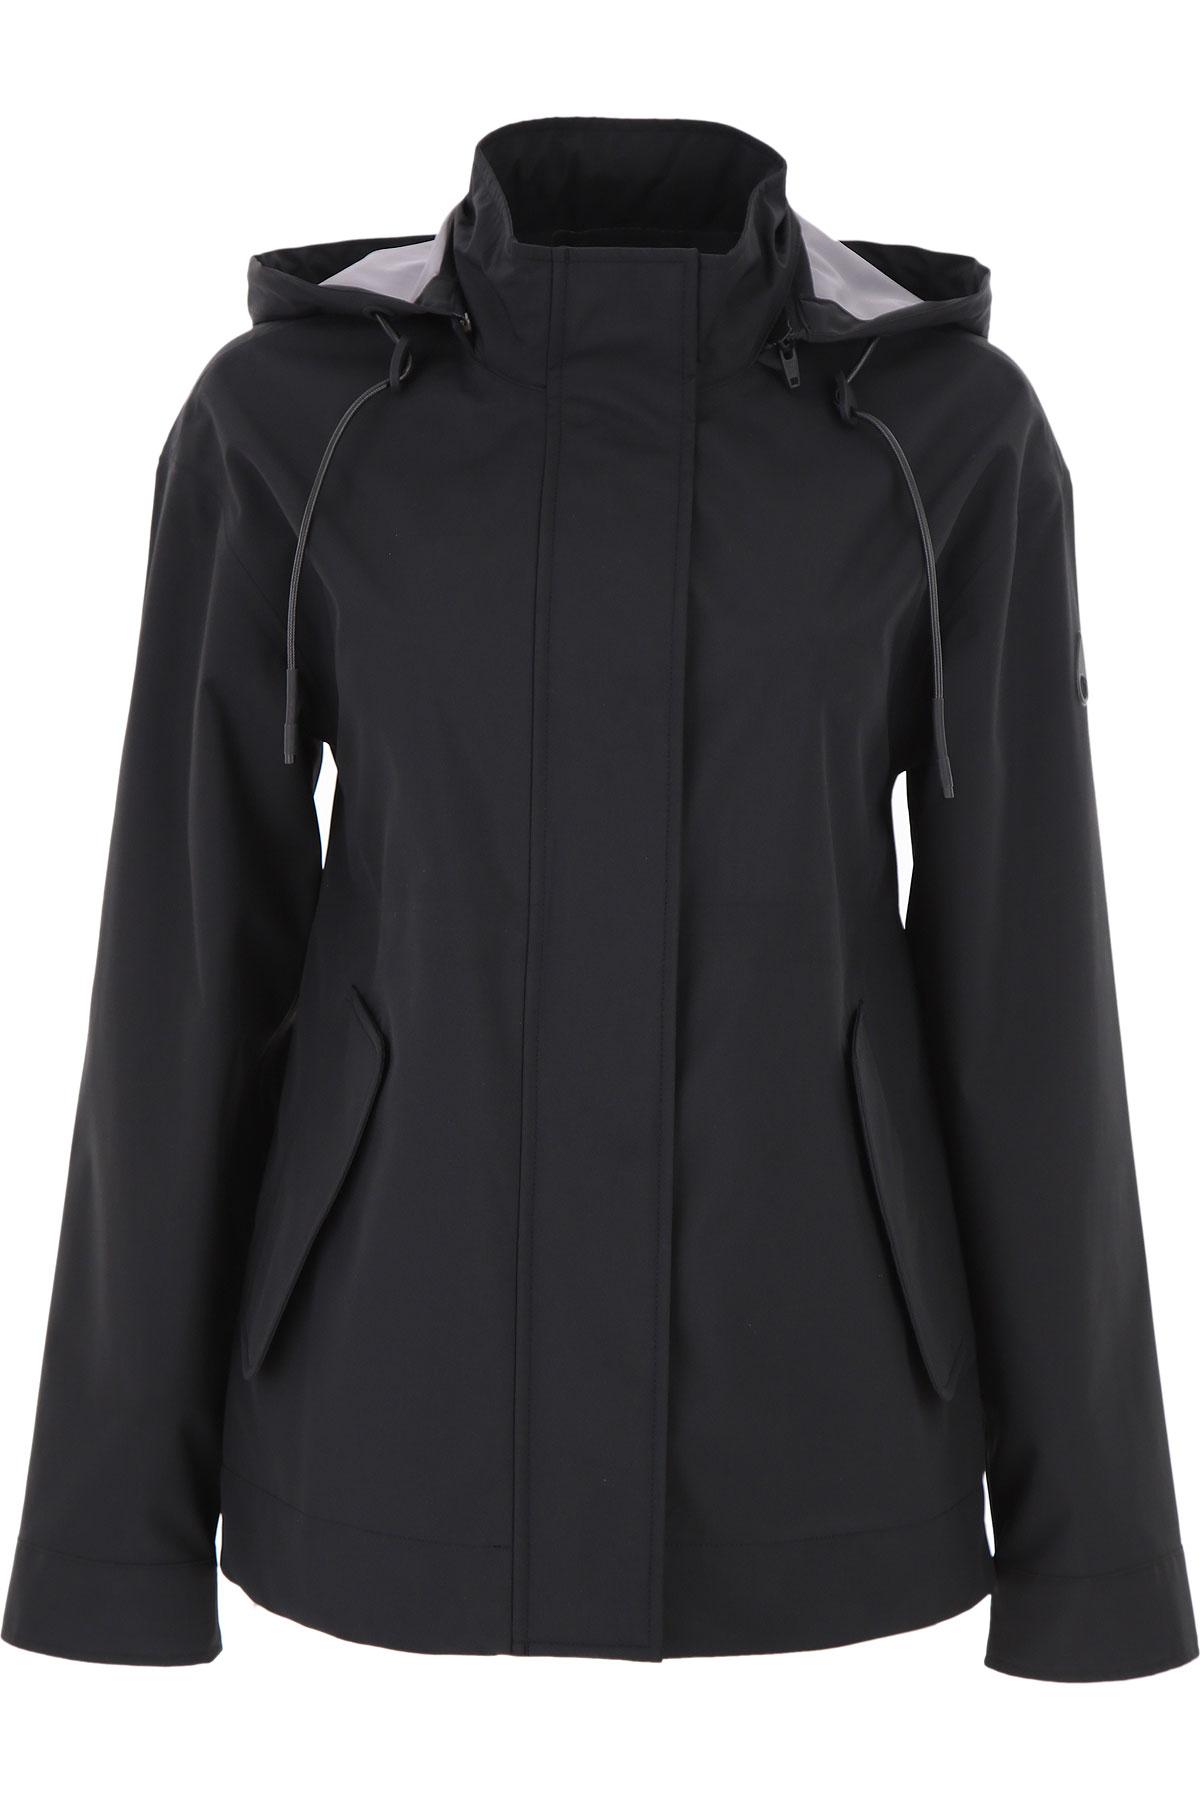 Moose Knuckles Jacket for Women On Sale, Black, polyester, 2019, 2 6